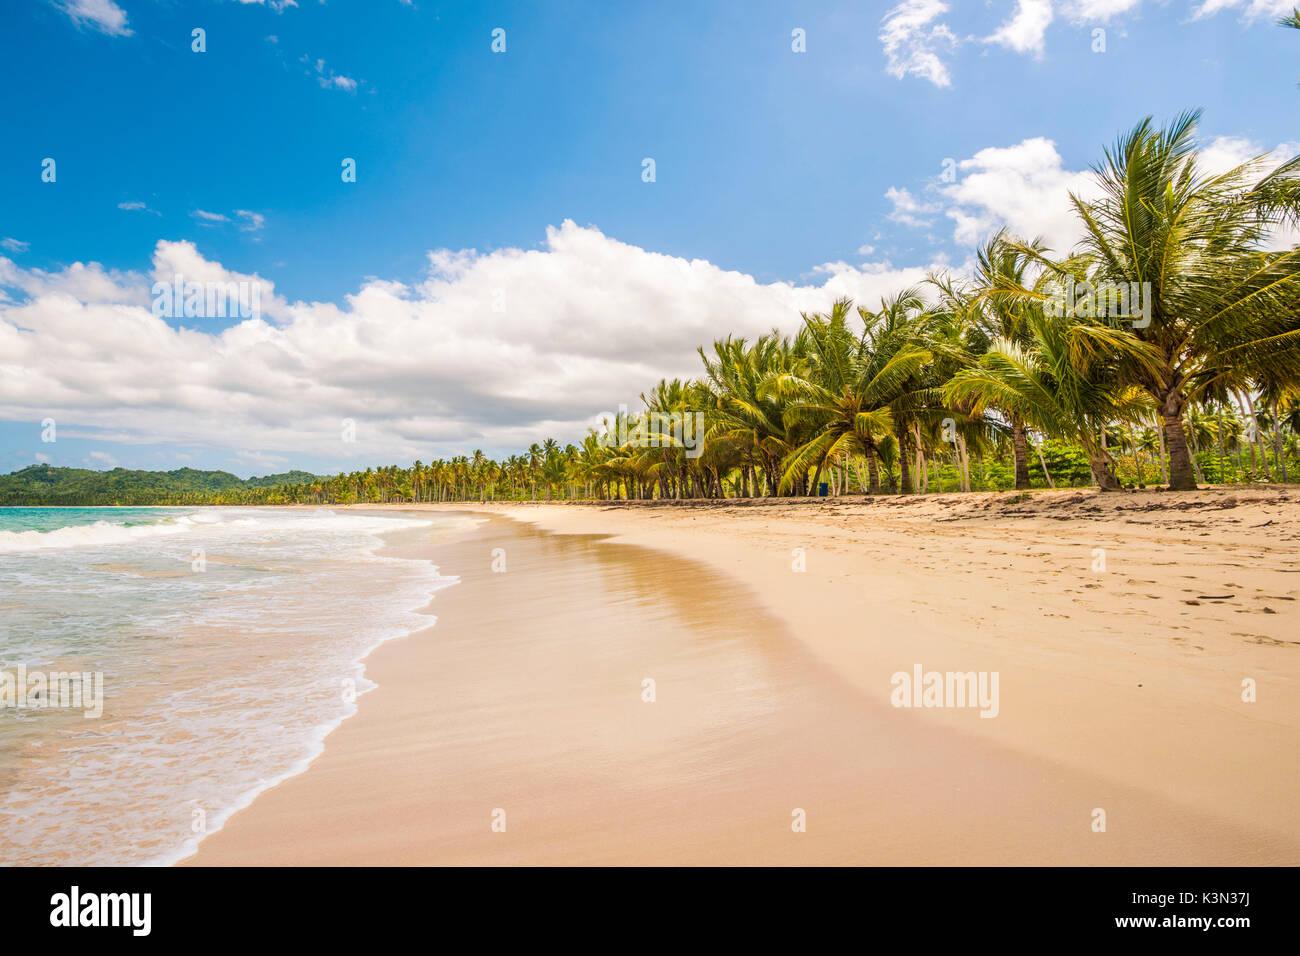 Playa Rincon, Péninsule de Samana, République dominicaine. Photo Stock